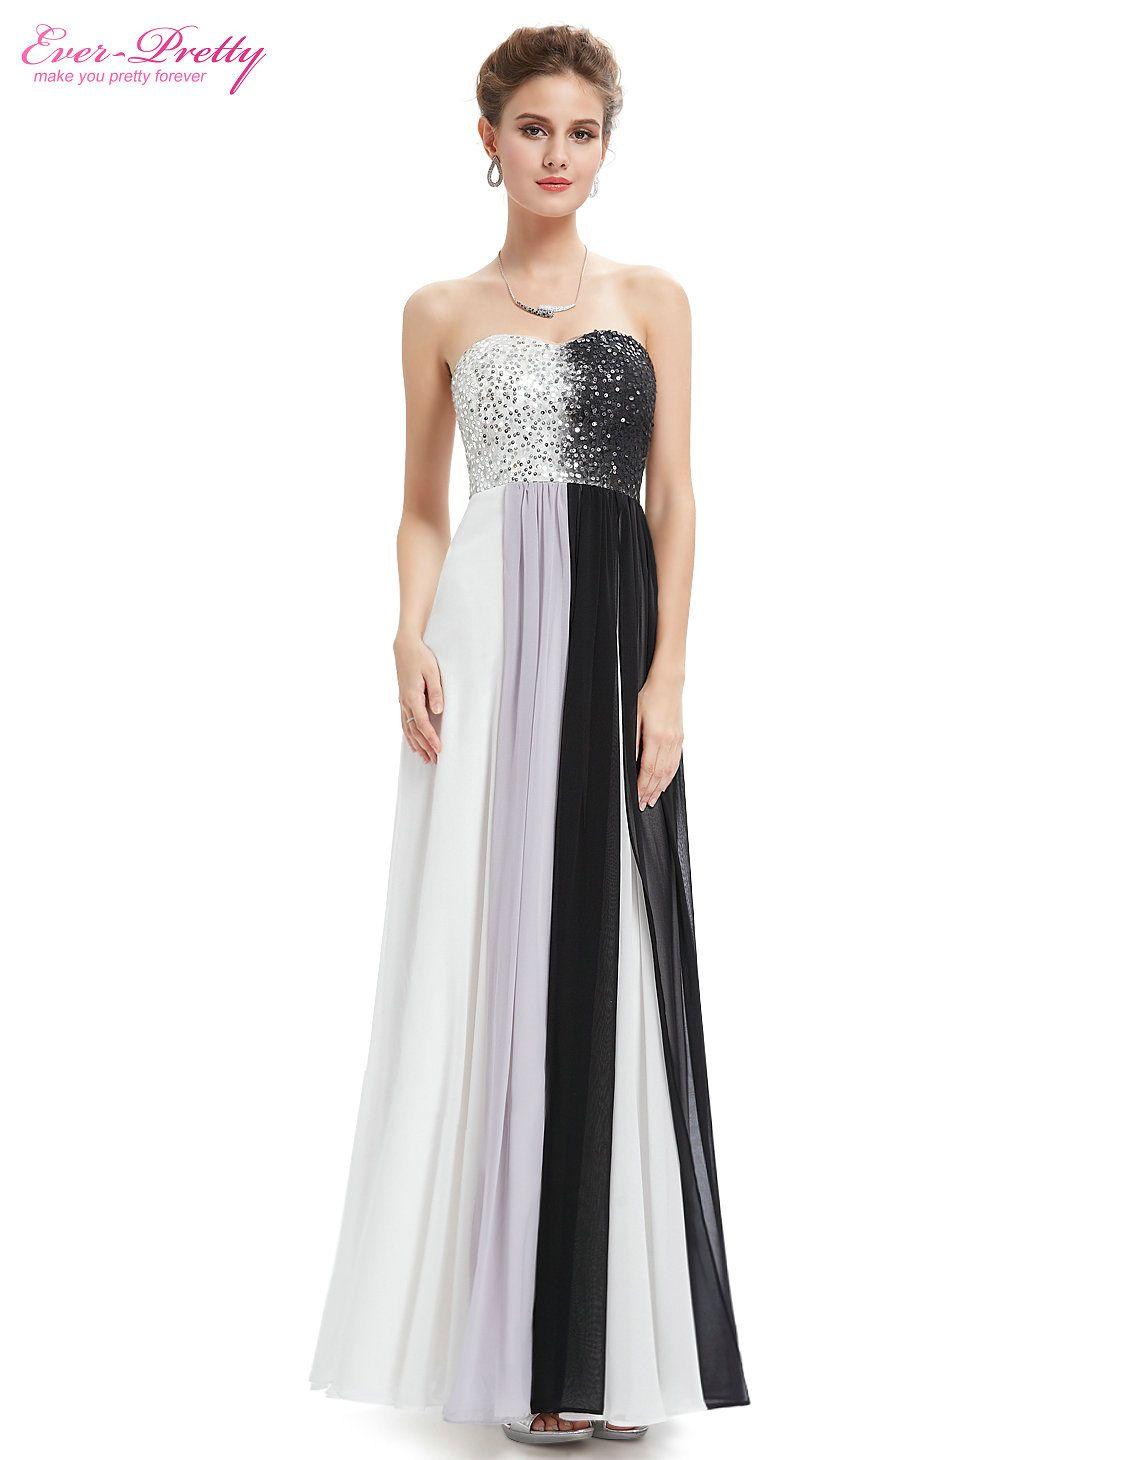 Ladies special occasion dresses uk